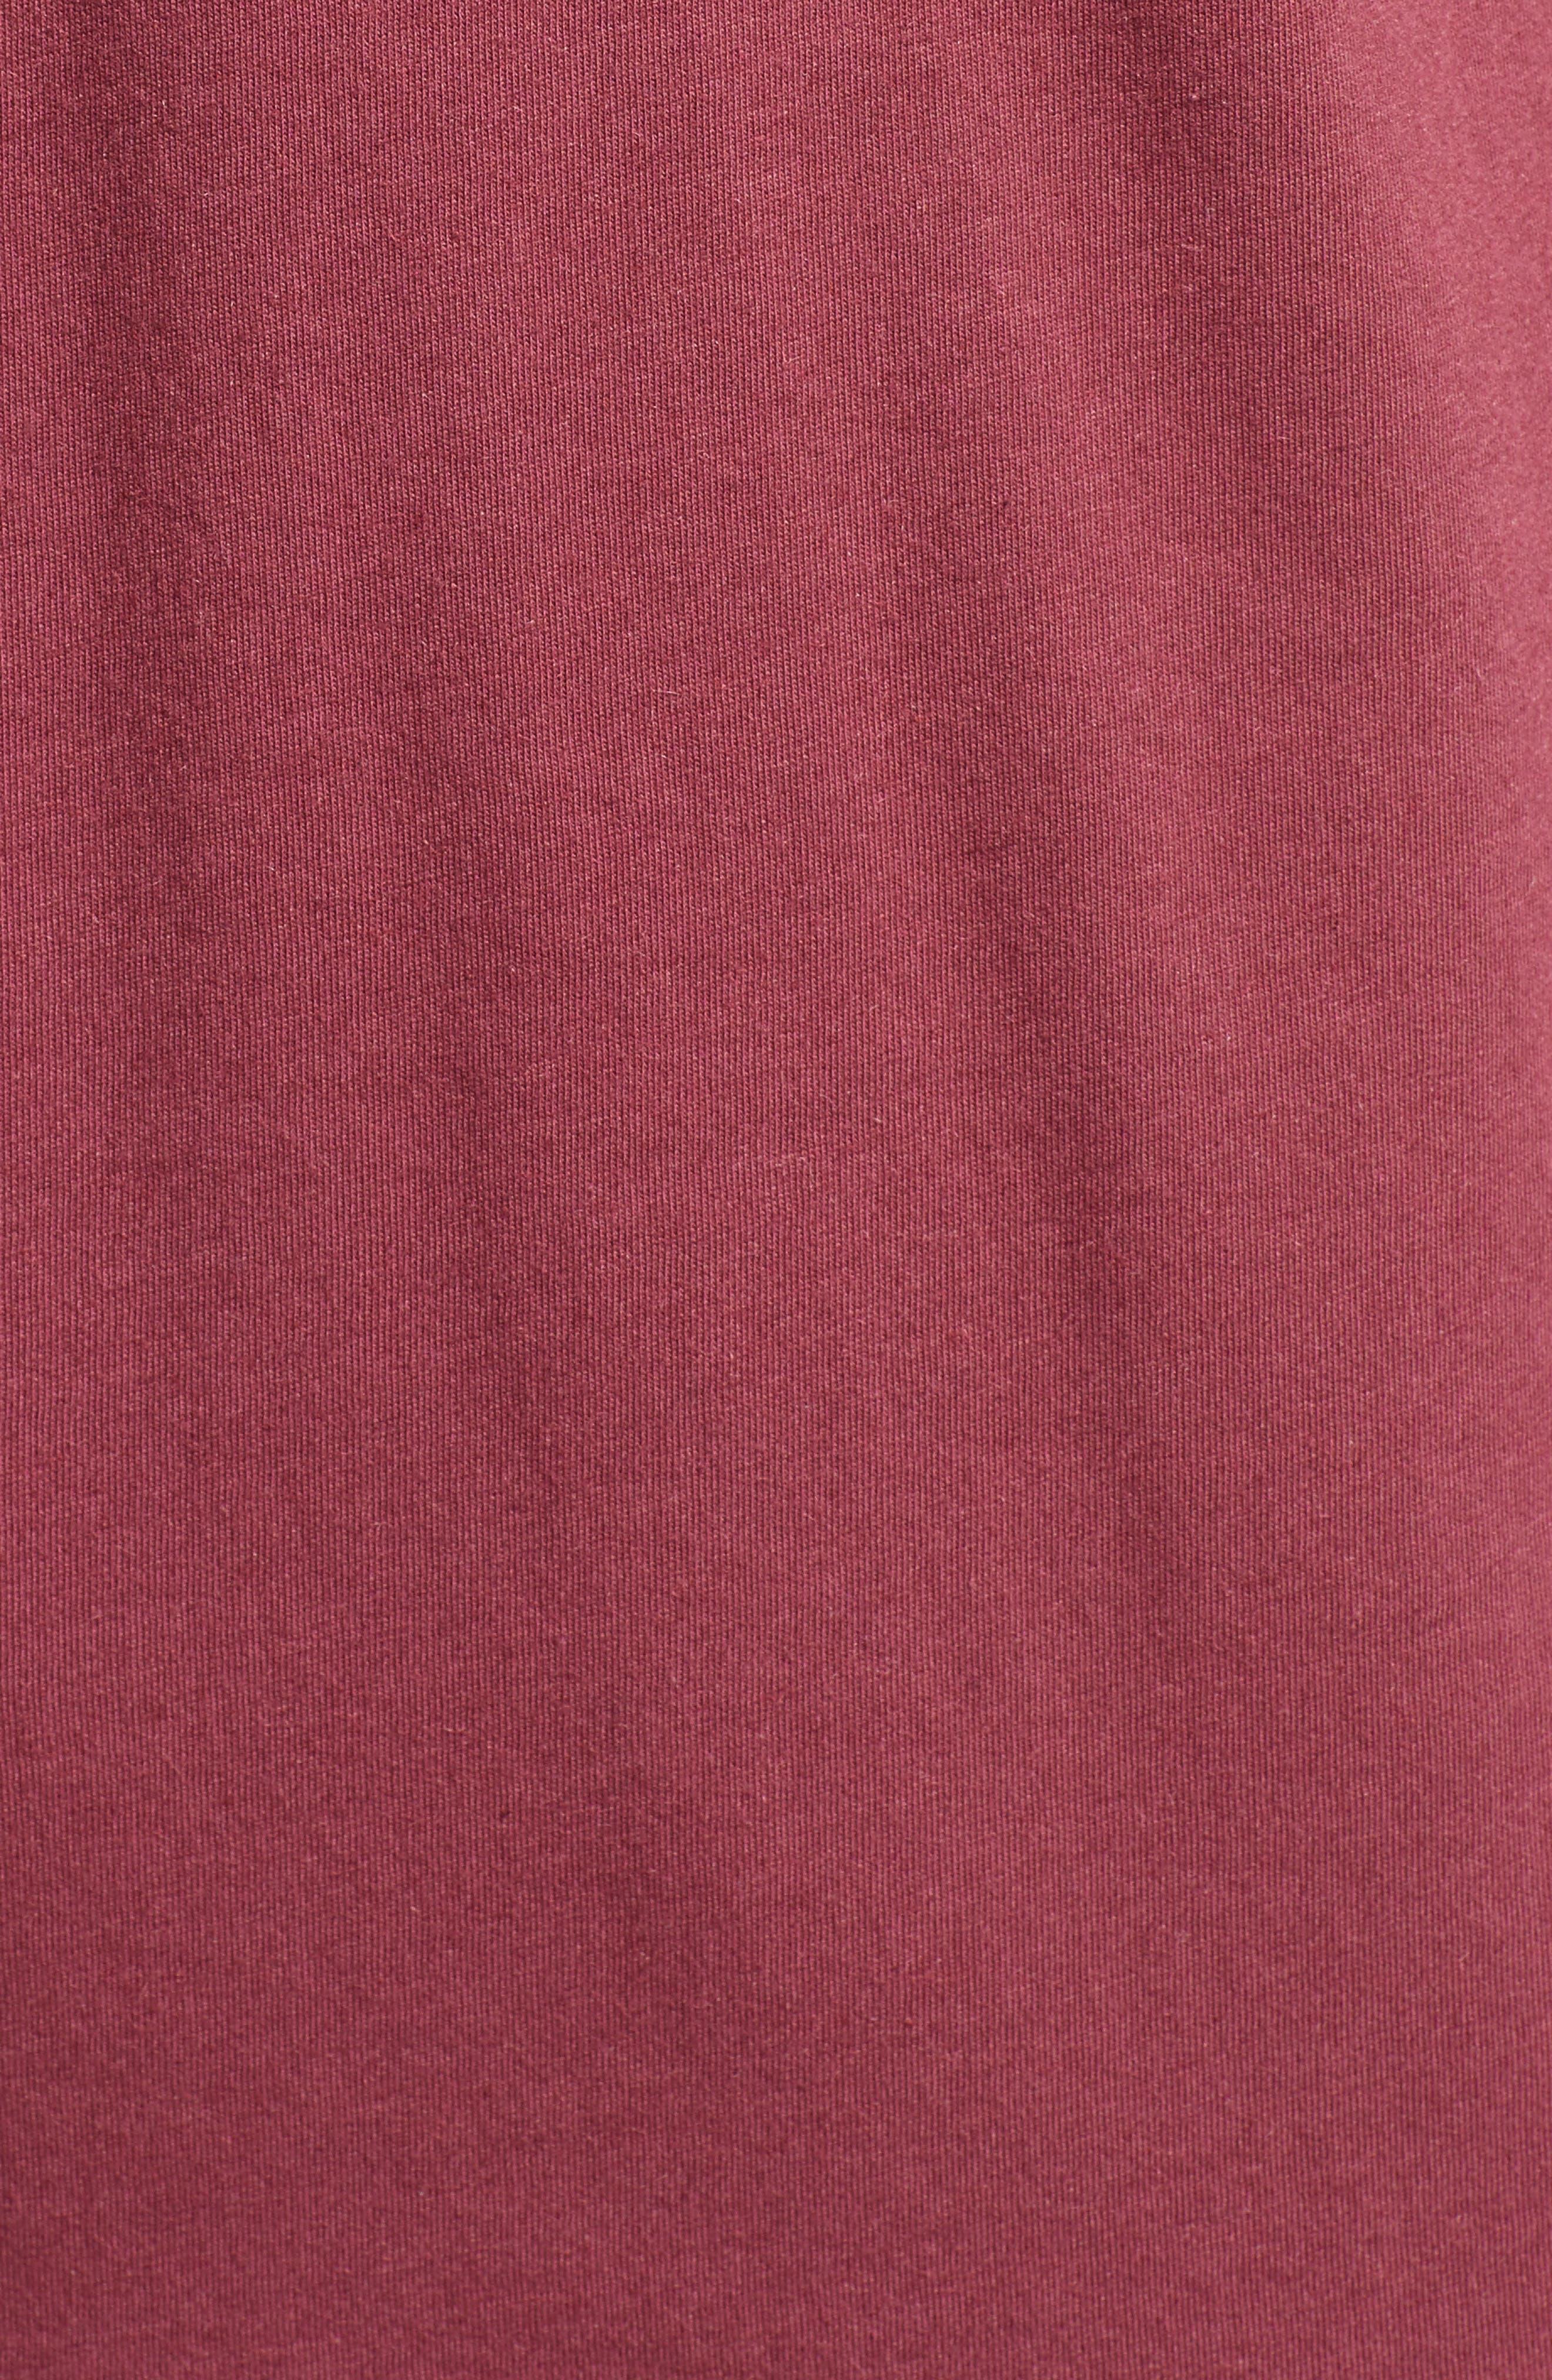 Pocket T-Shirt,                             Alternate thumbnail 5, color,                             600